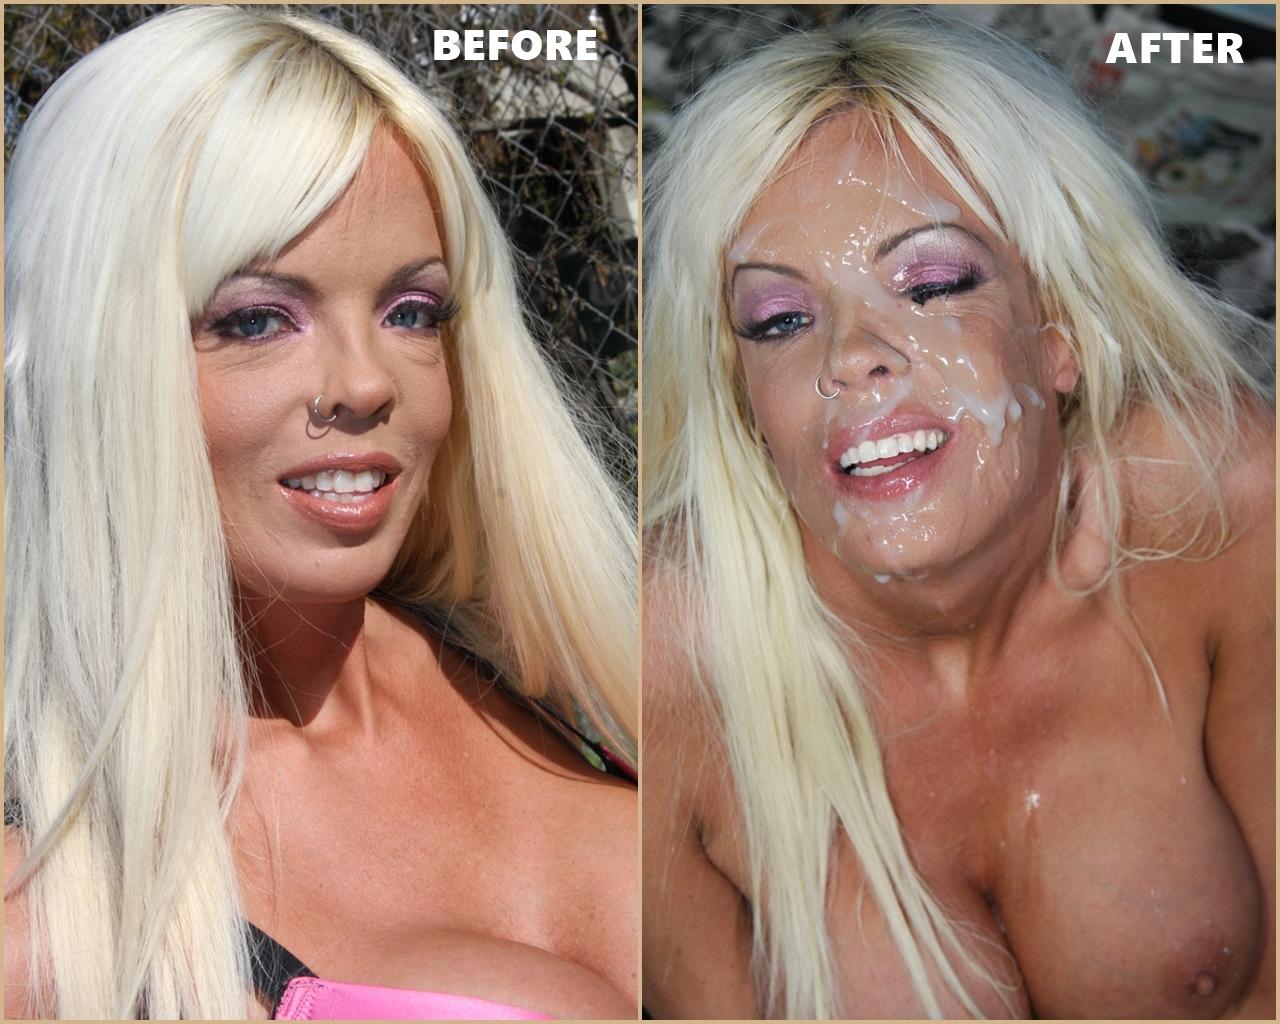 Jordan Blue - Before & After - Bro Banged Porn Pic - EPORNER